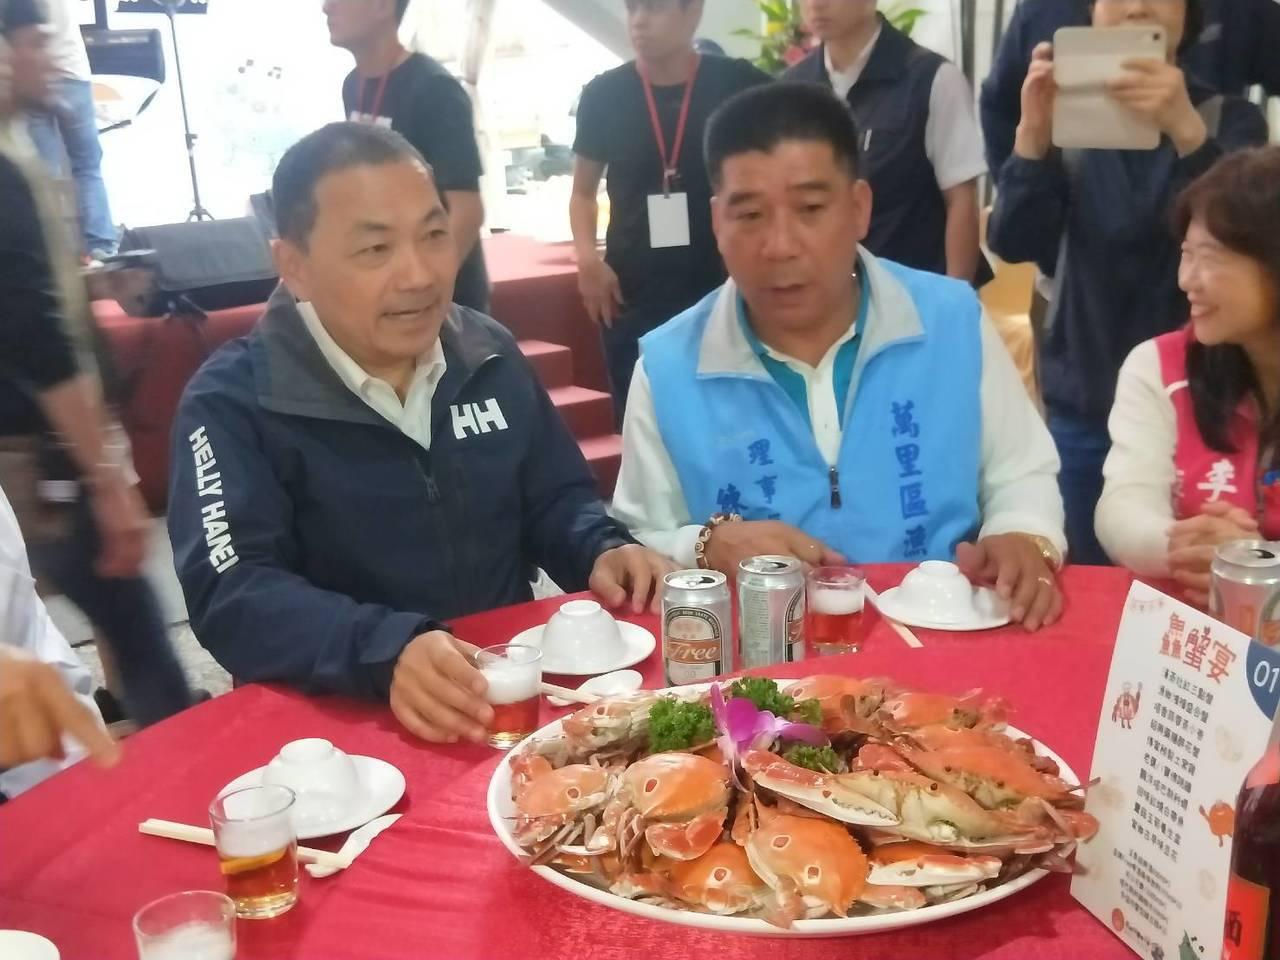 新北市政府今天在野柳漁港舉行「鱻蟹宴」,市長侯友宜到場,席開80桌。記者游明煌/...